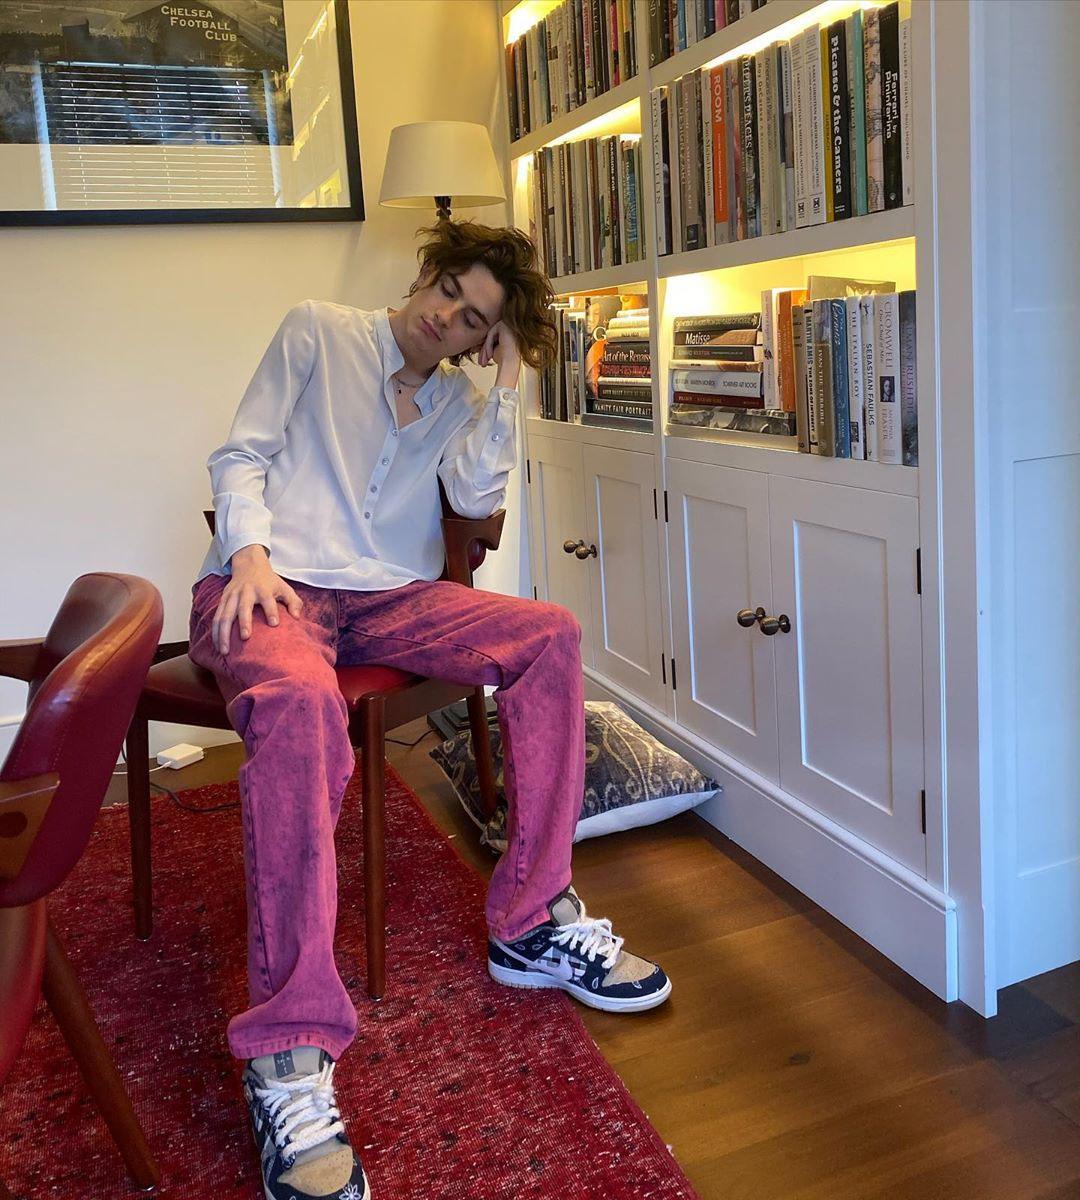 Mlody mężczyzna rozwiedziany w fotelu w domu